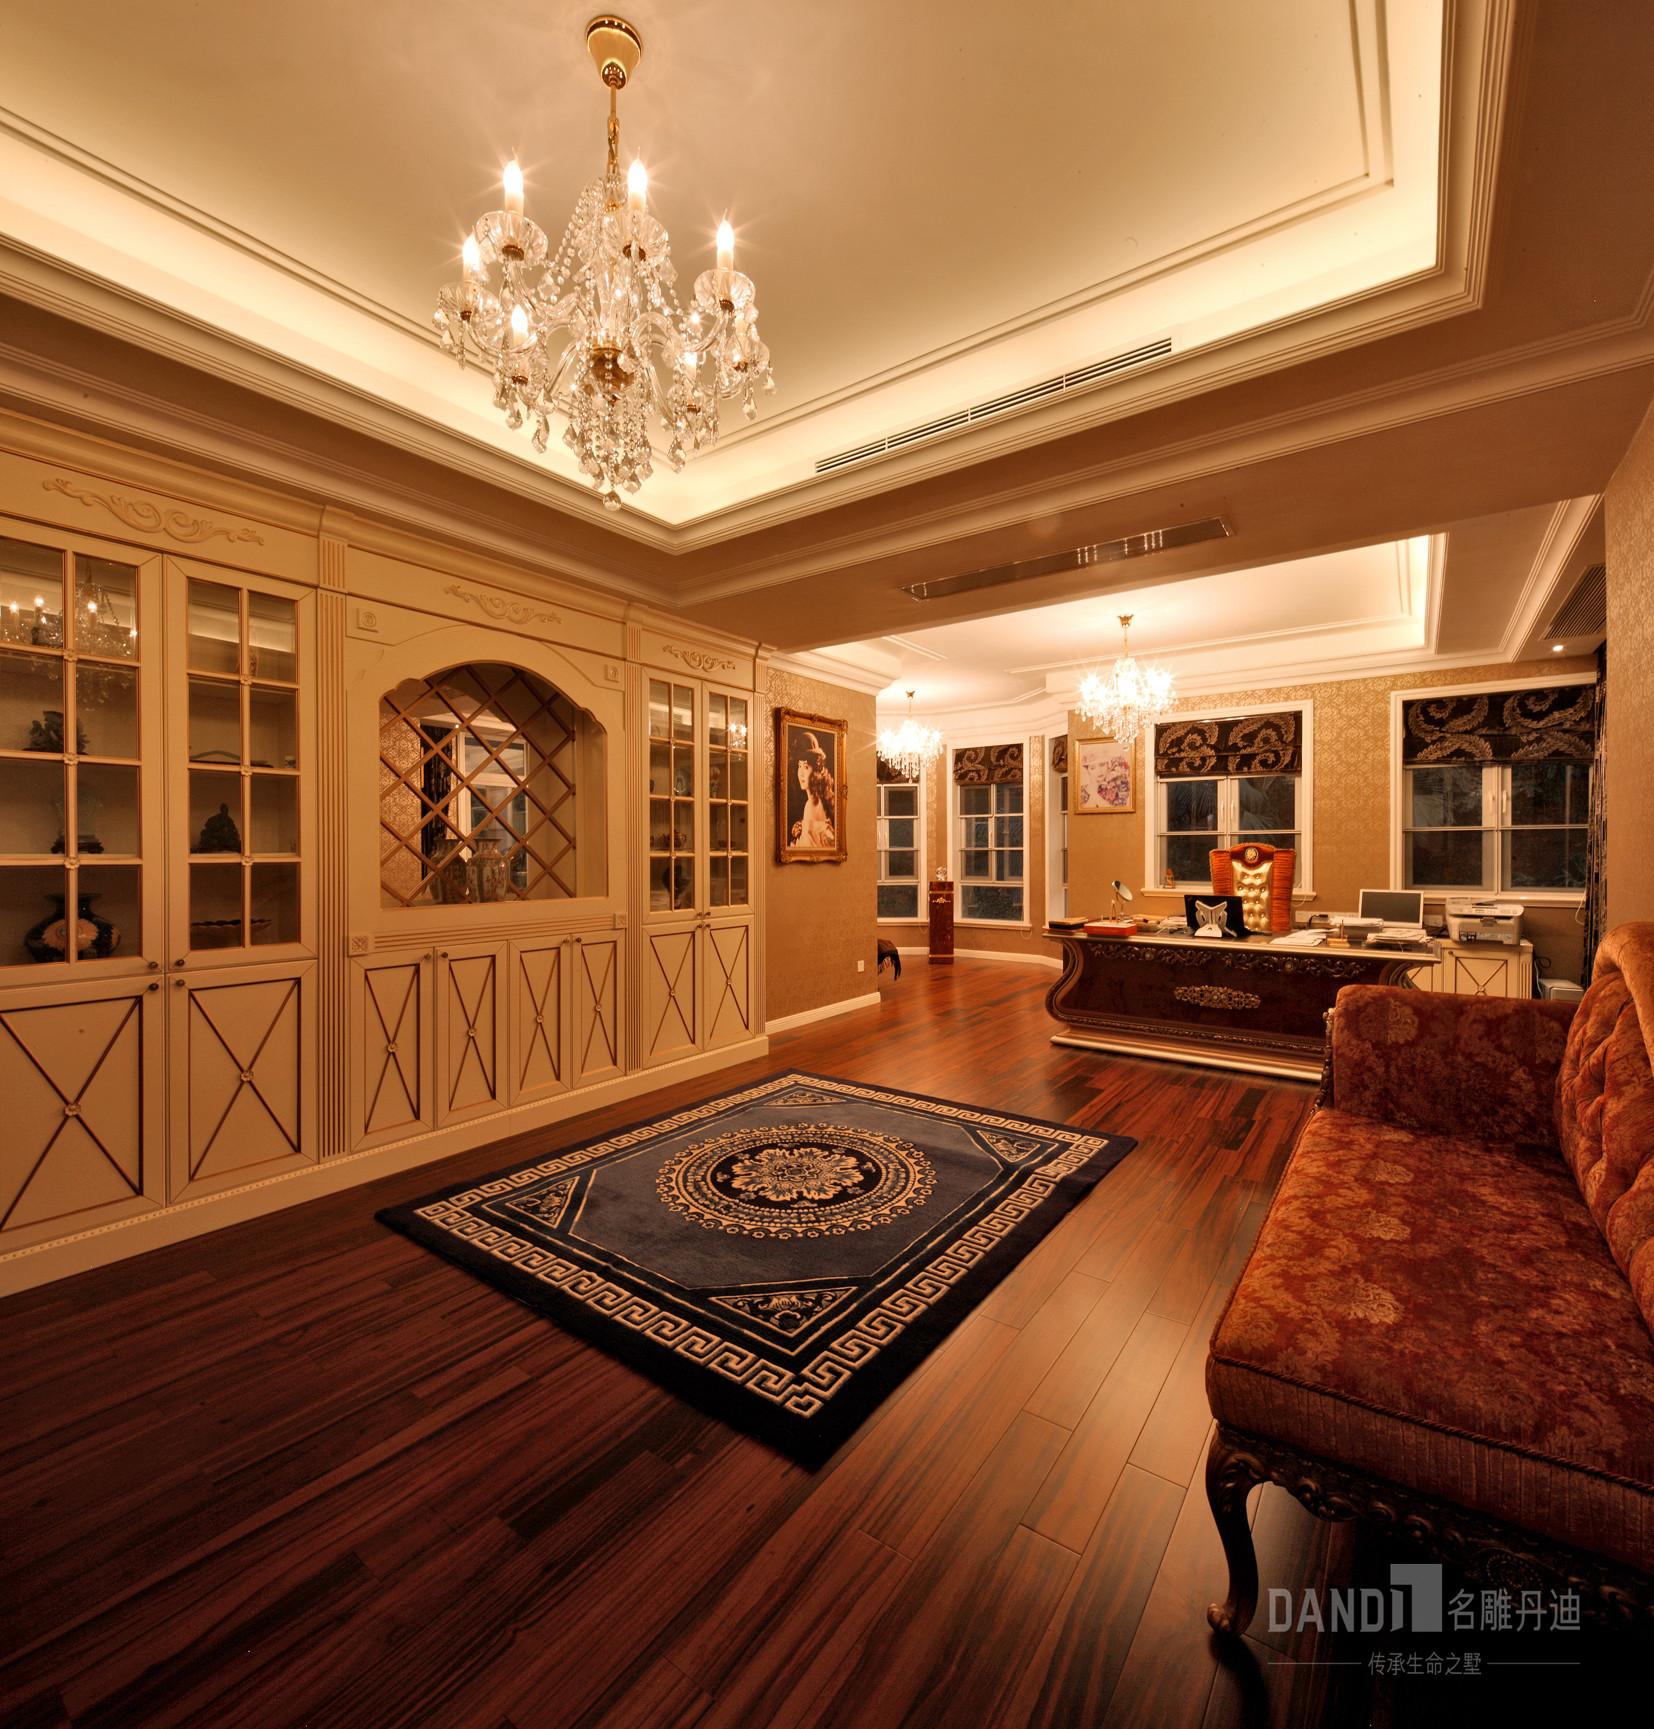 简约 别墅 小资 书房图片来自名雕丹迪在齐明别墅装修案例的分享